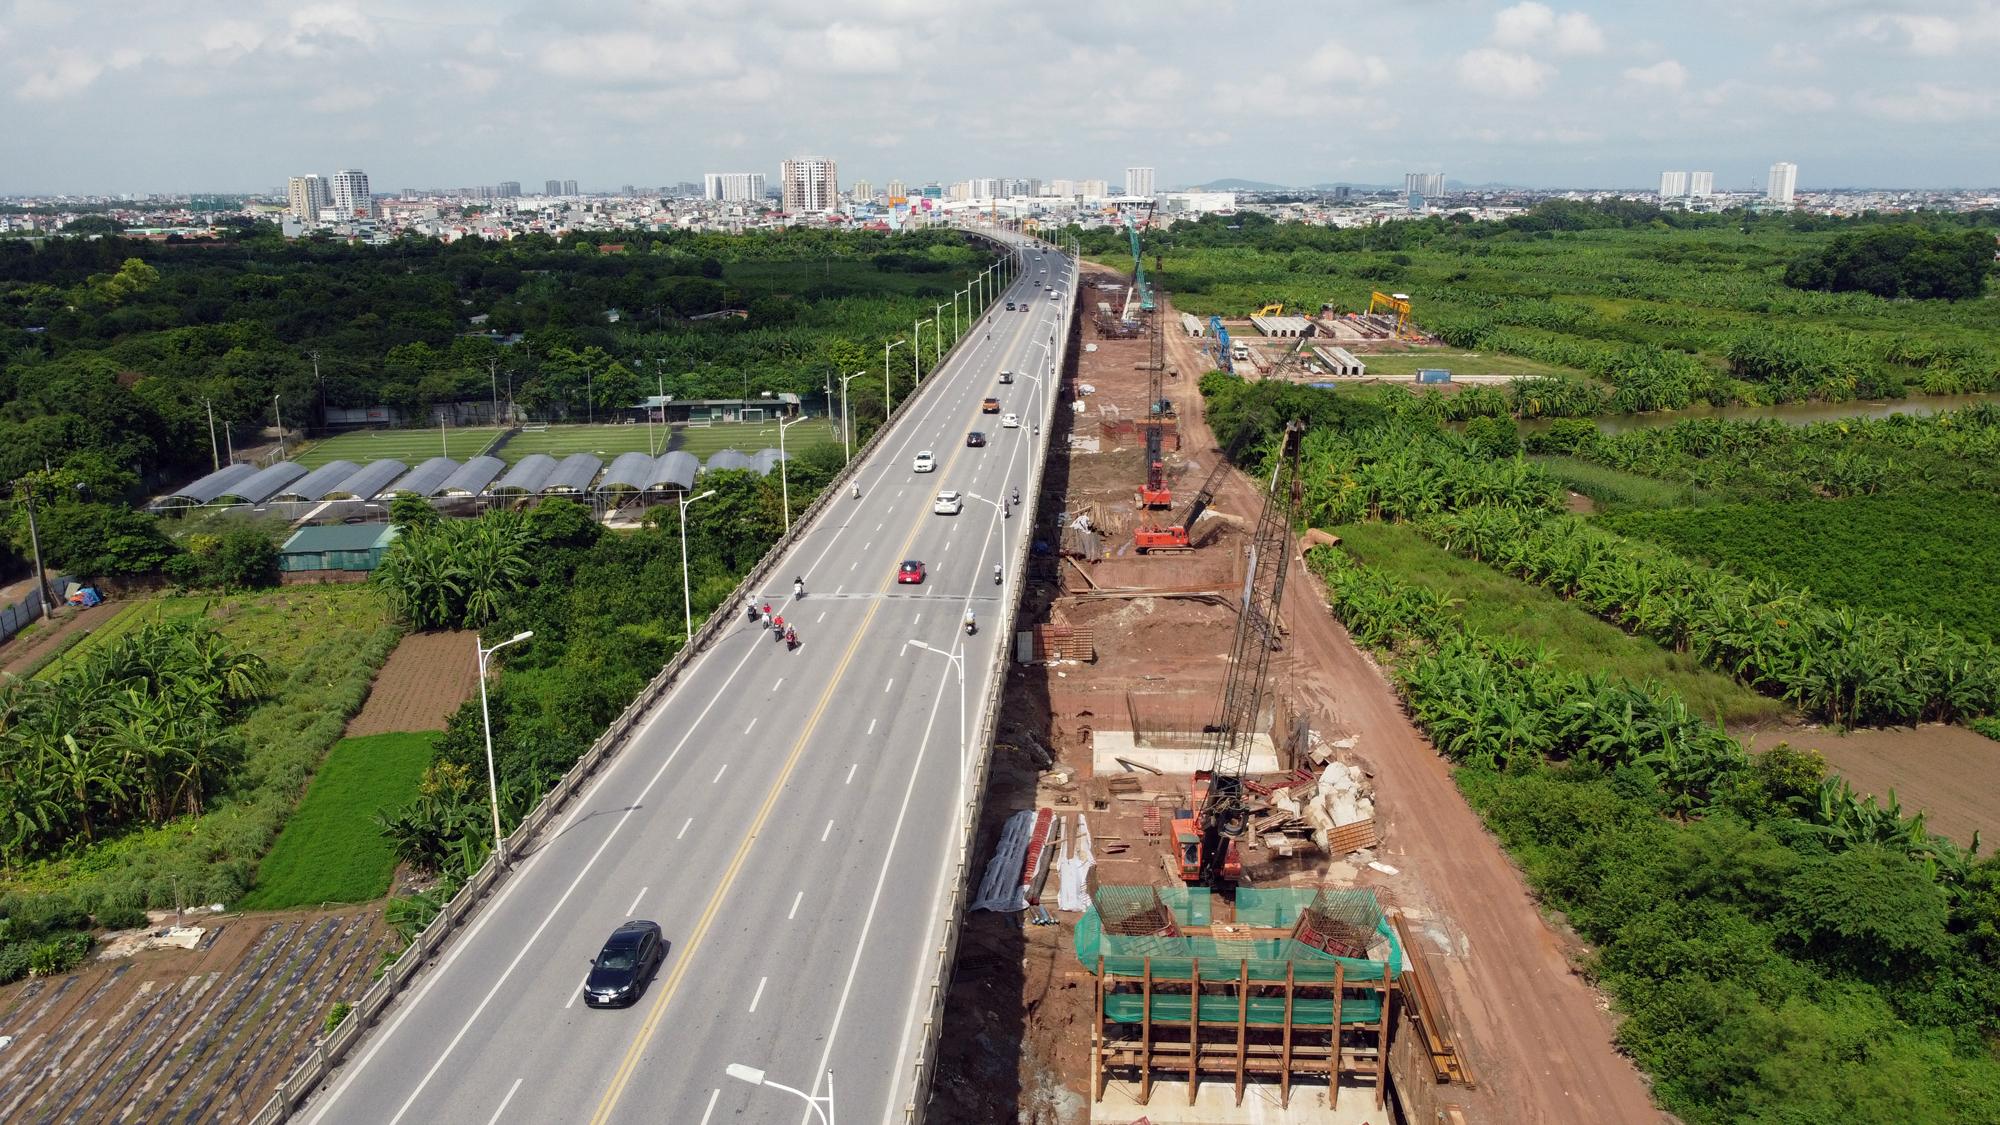 Hình ảnh dự án giao thông trọng điểm của Hà Nội thi công khi giãn cách xã hội - Ảnh 3.